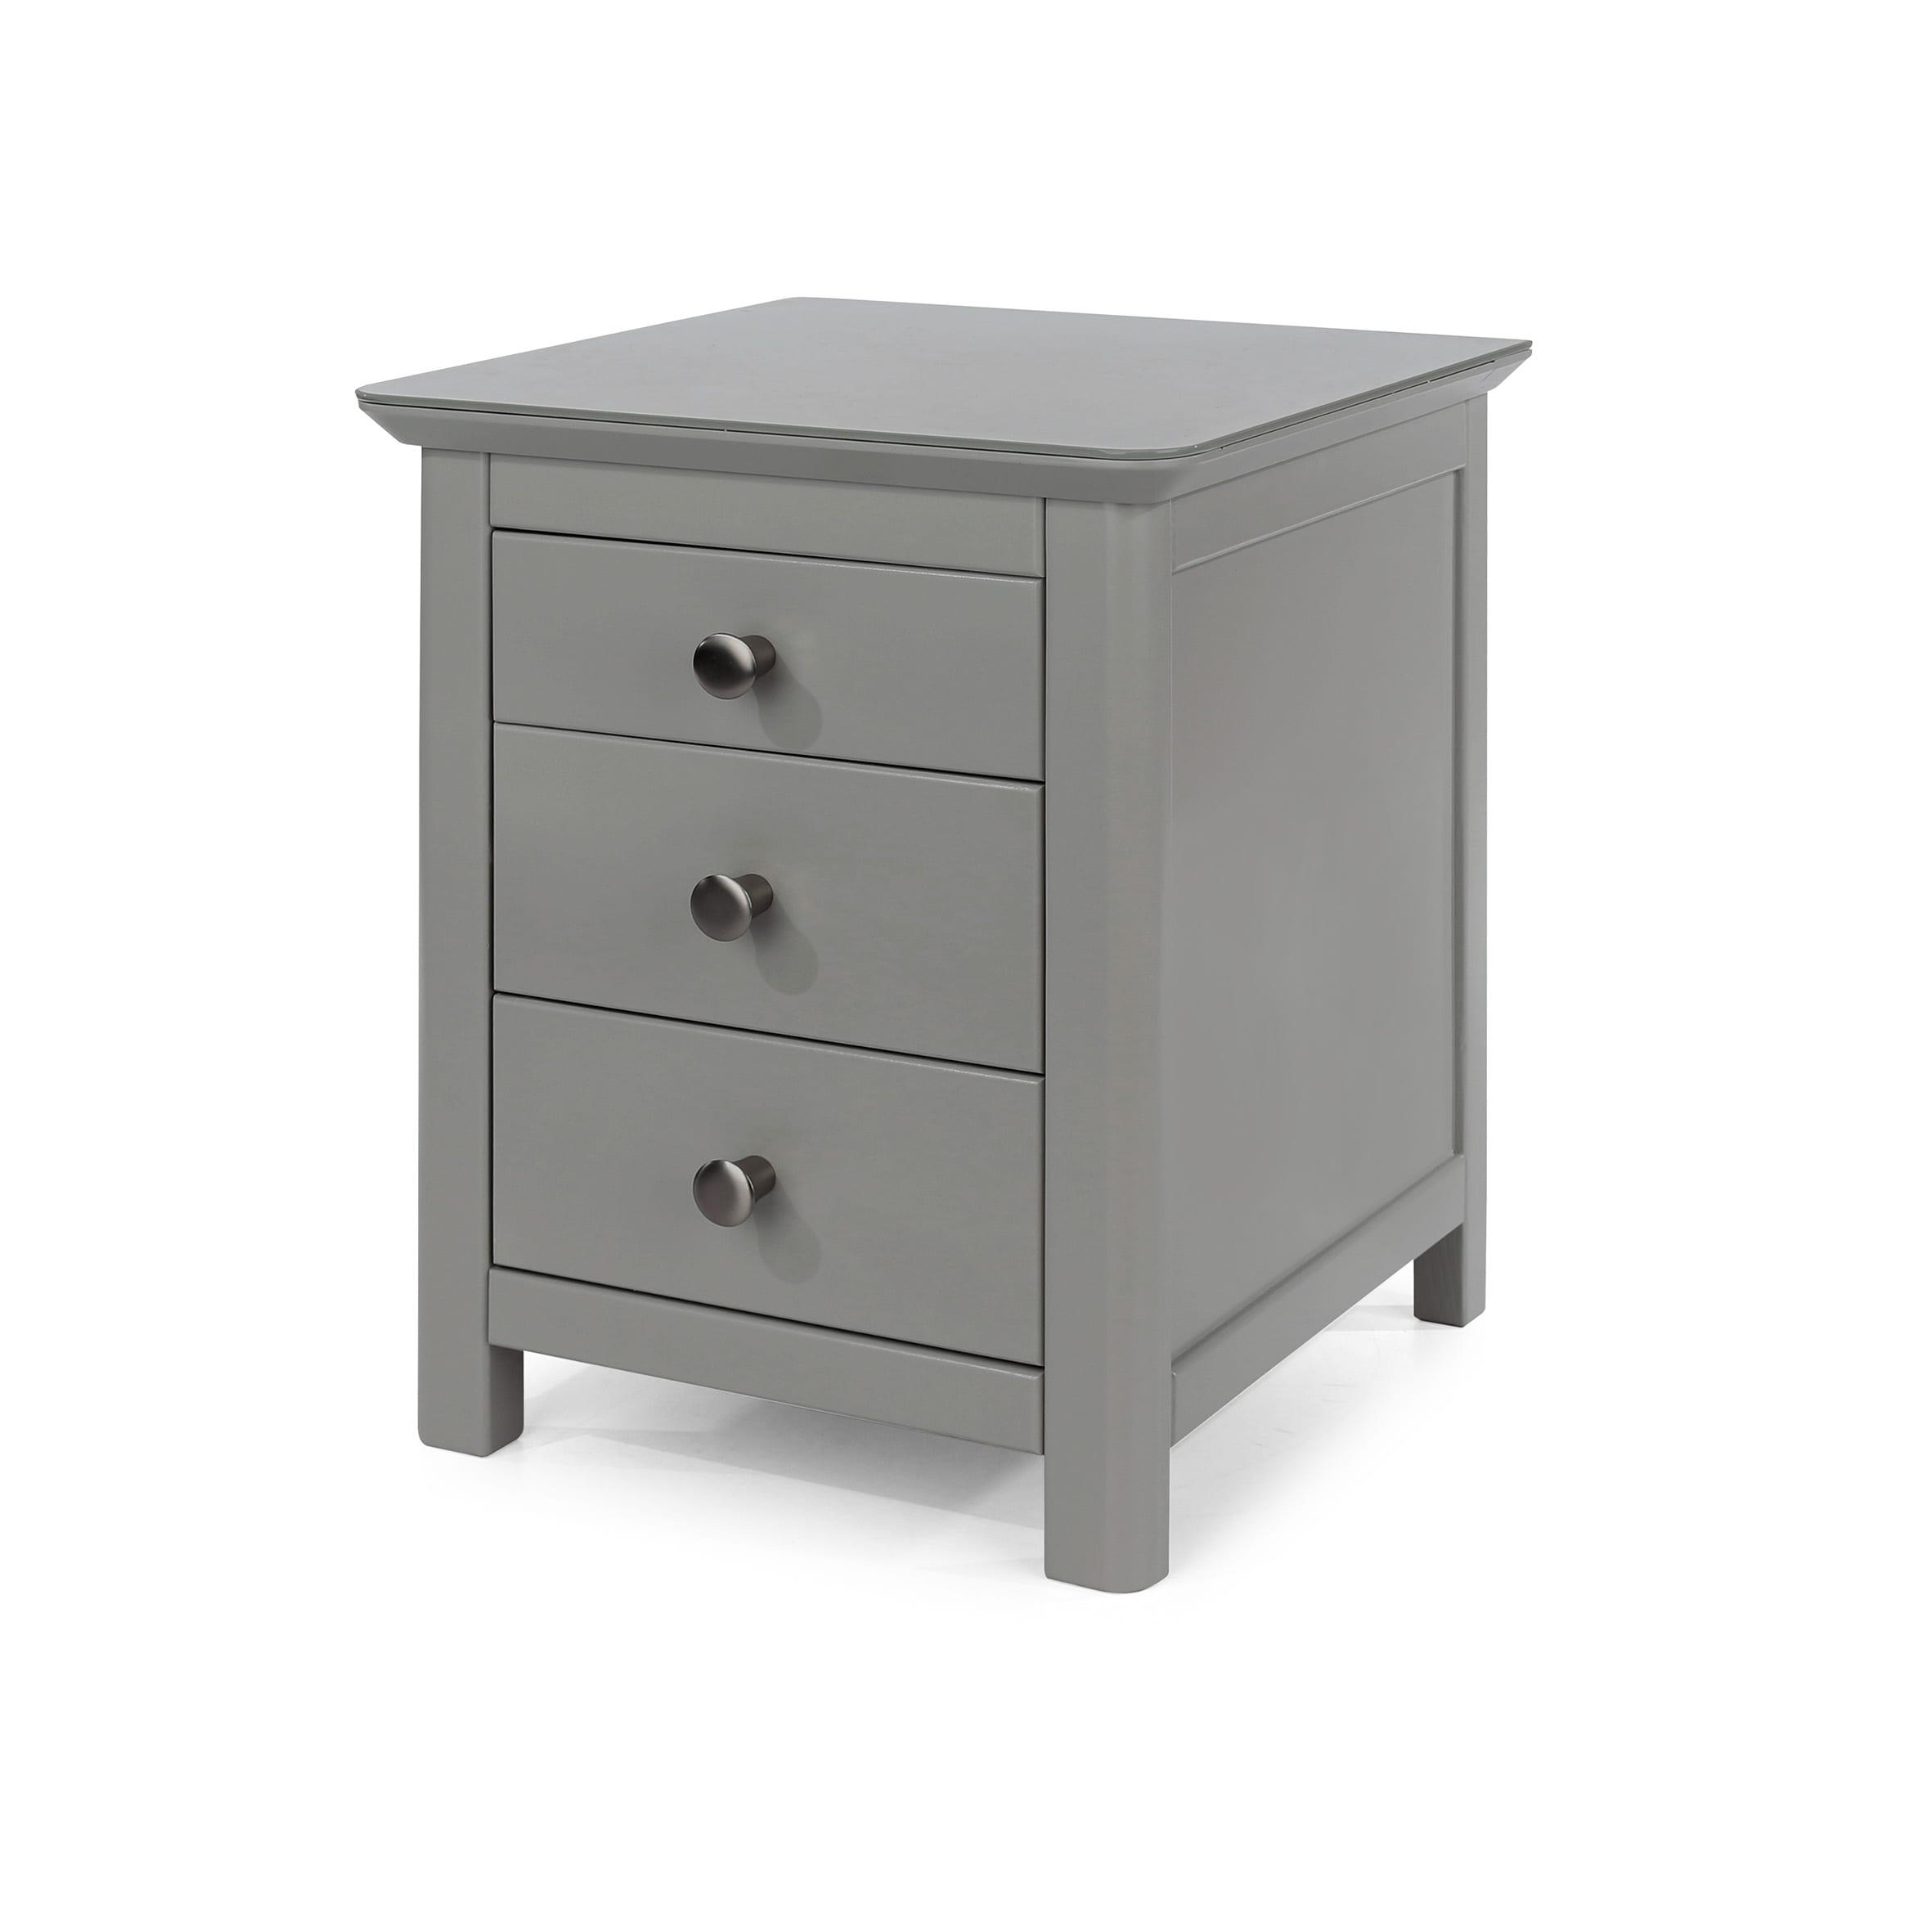 Epsom 3 drawer bedside cabinet